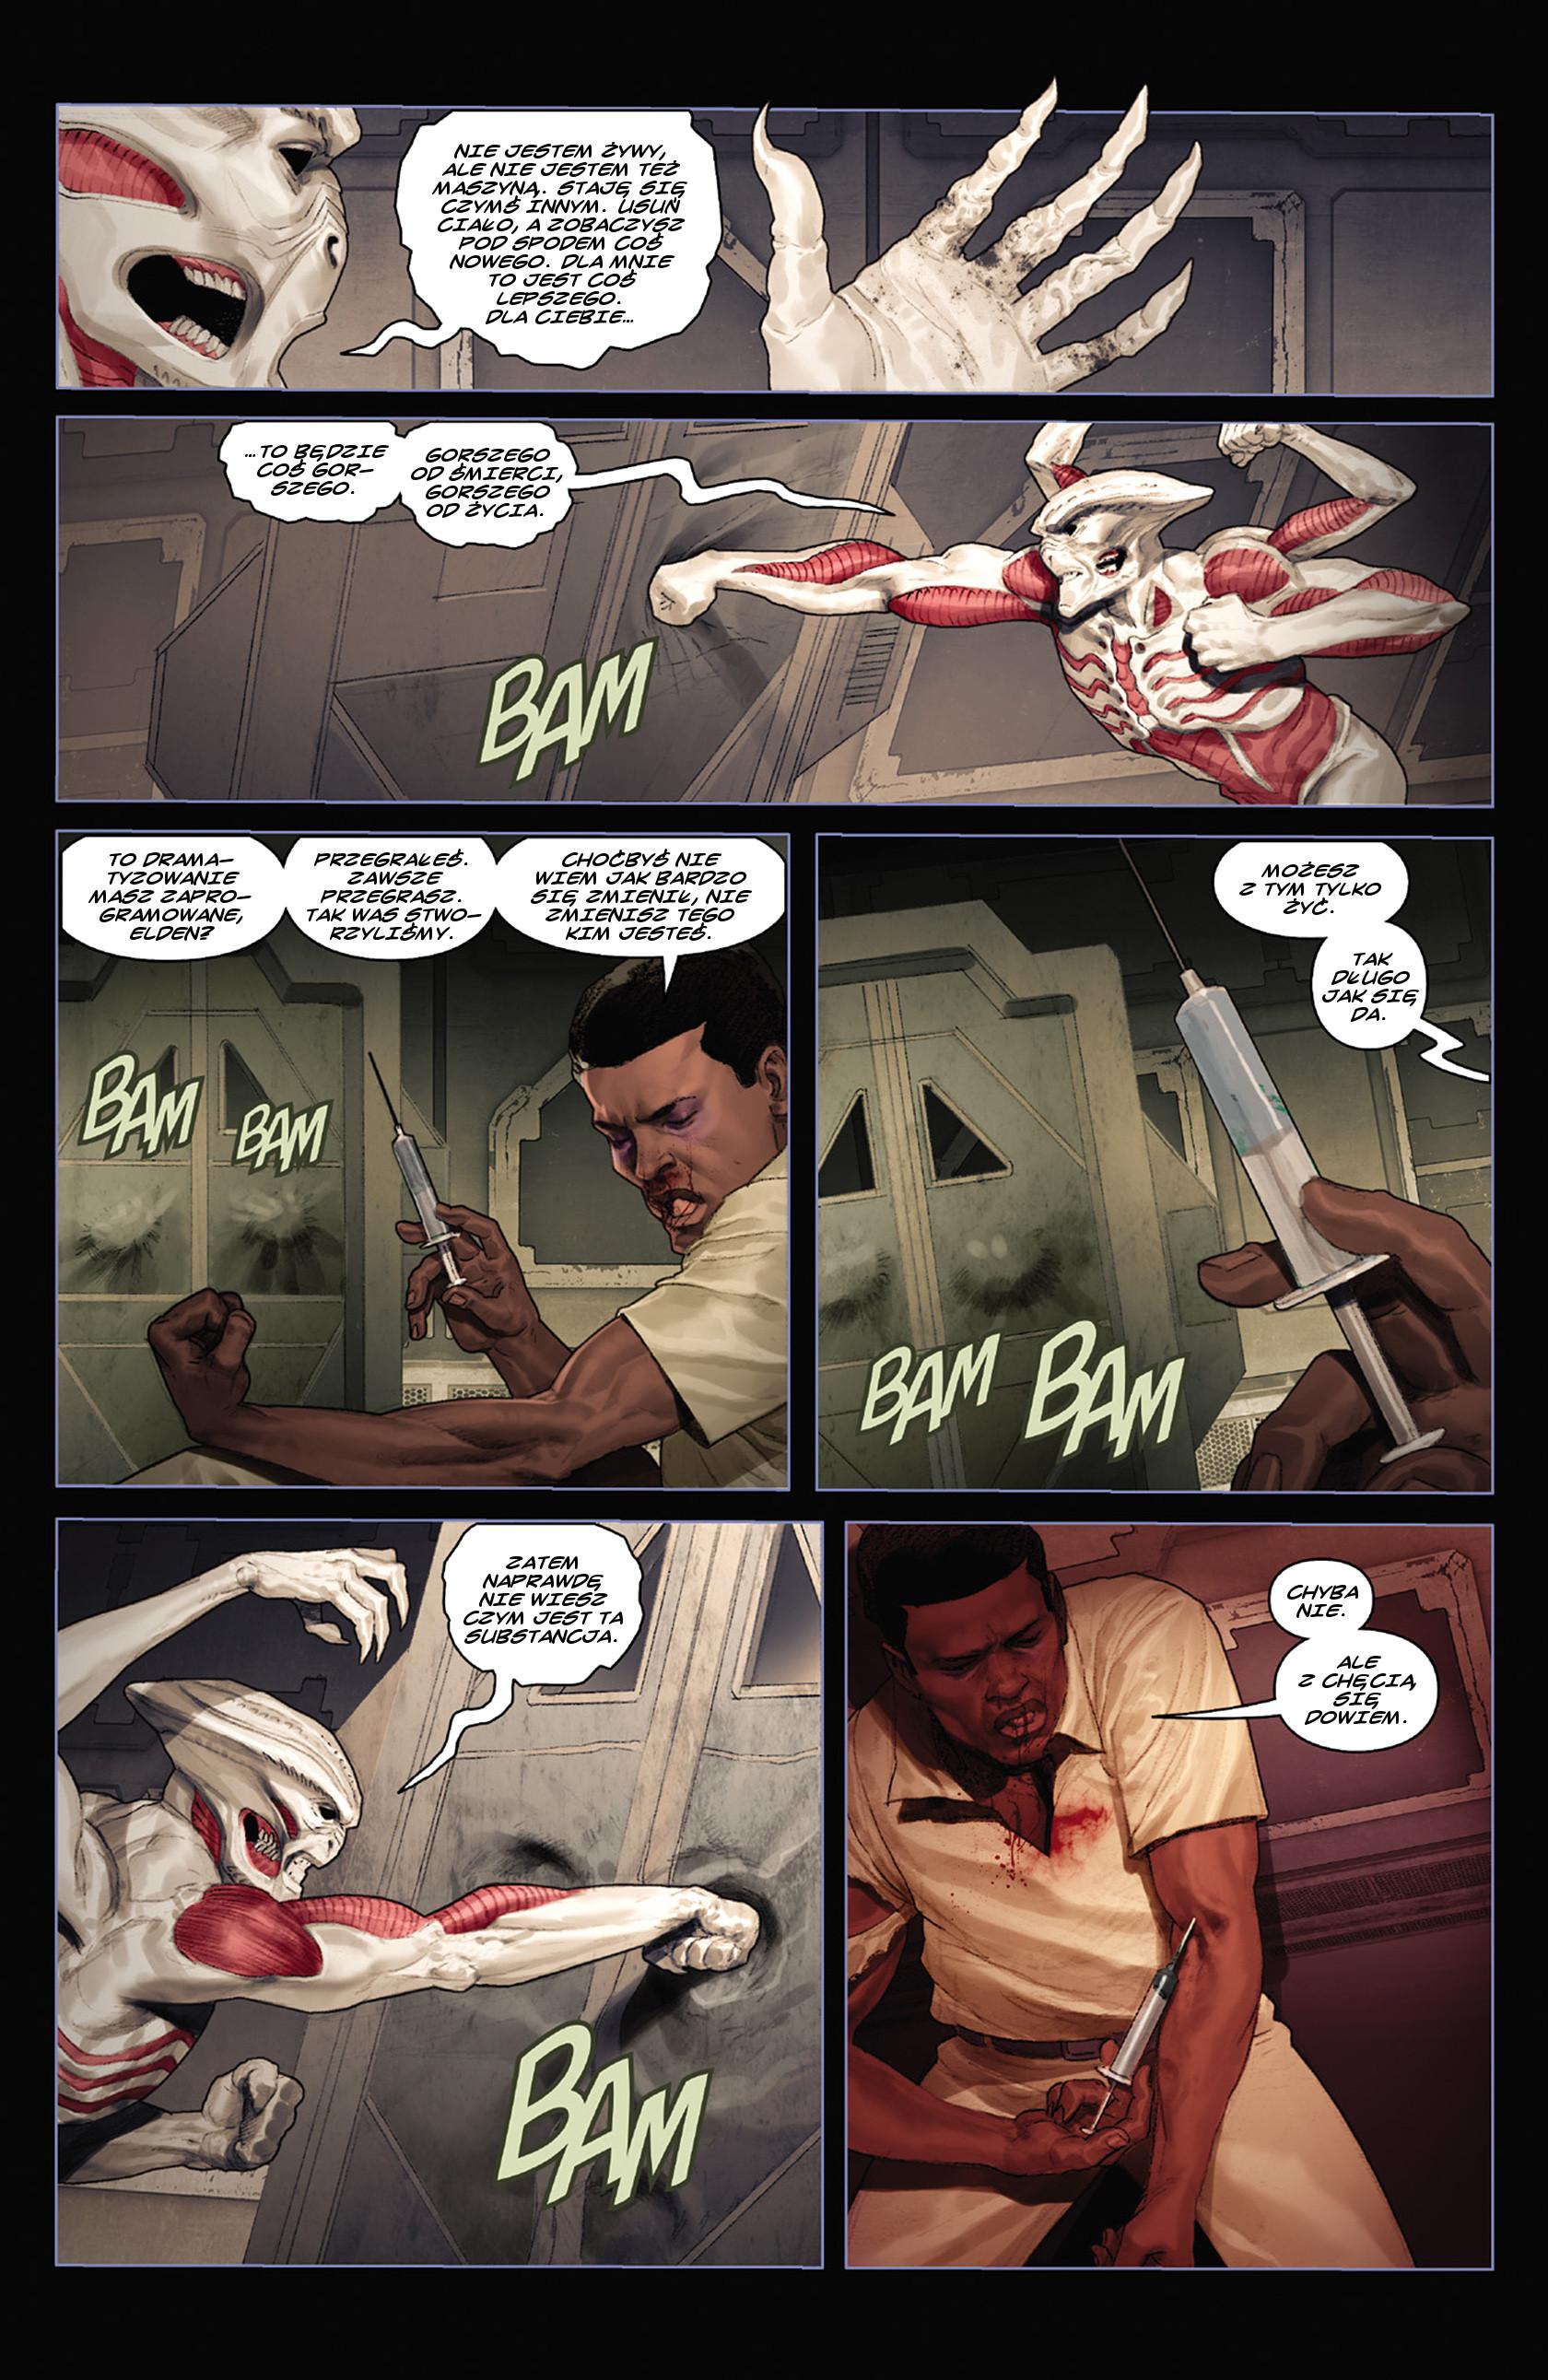 Read online Alien vs. Predator: Fire and Stone comic -  Issue #3 - 18